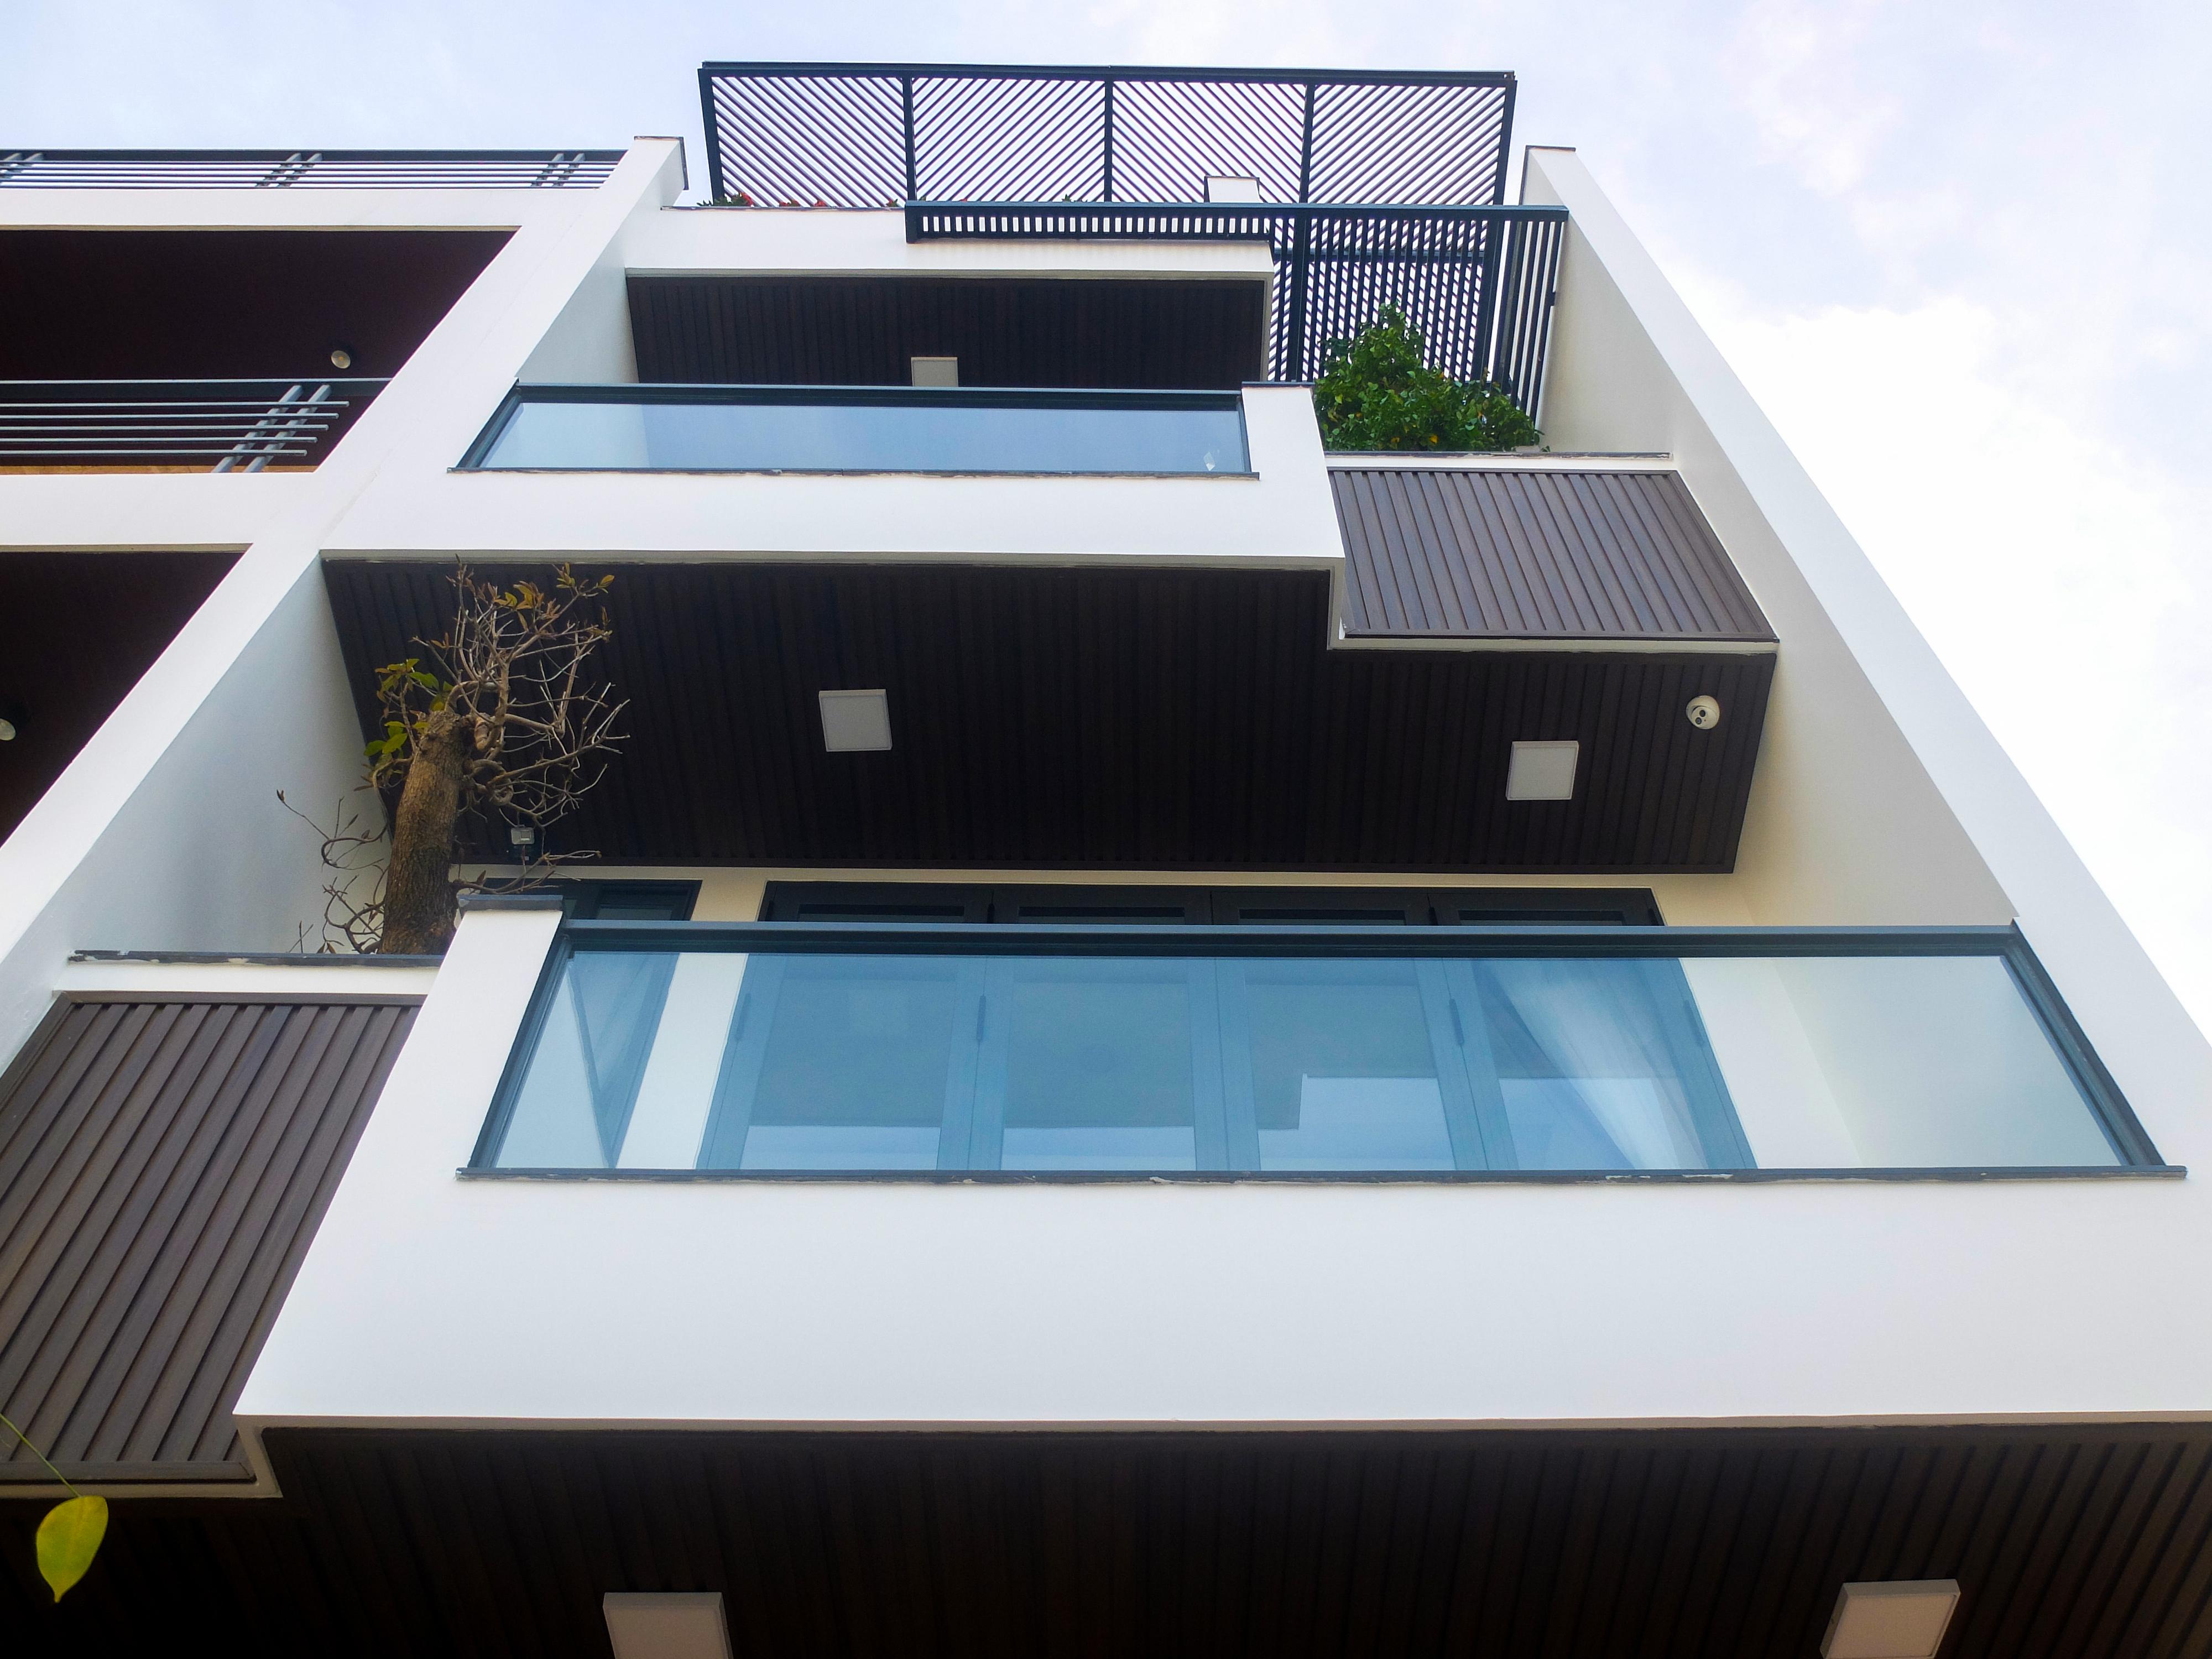 Thiết kế Nhà Mặt Phố tại Khánh Hòa SMALL HOUSE 1580877032 3